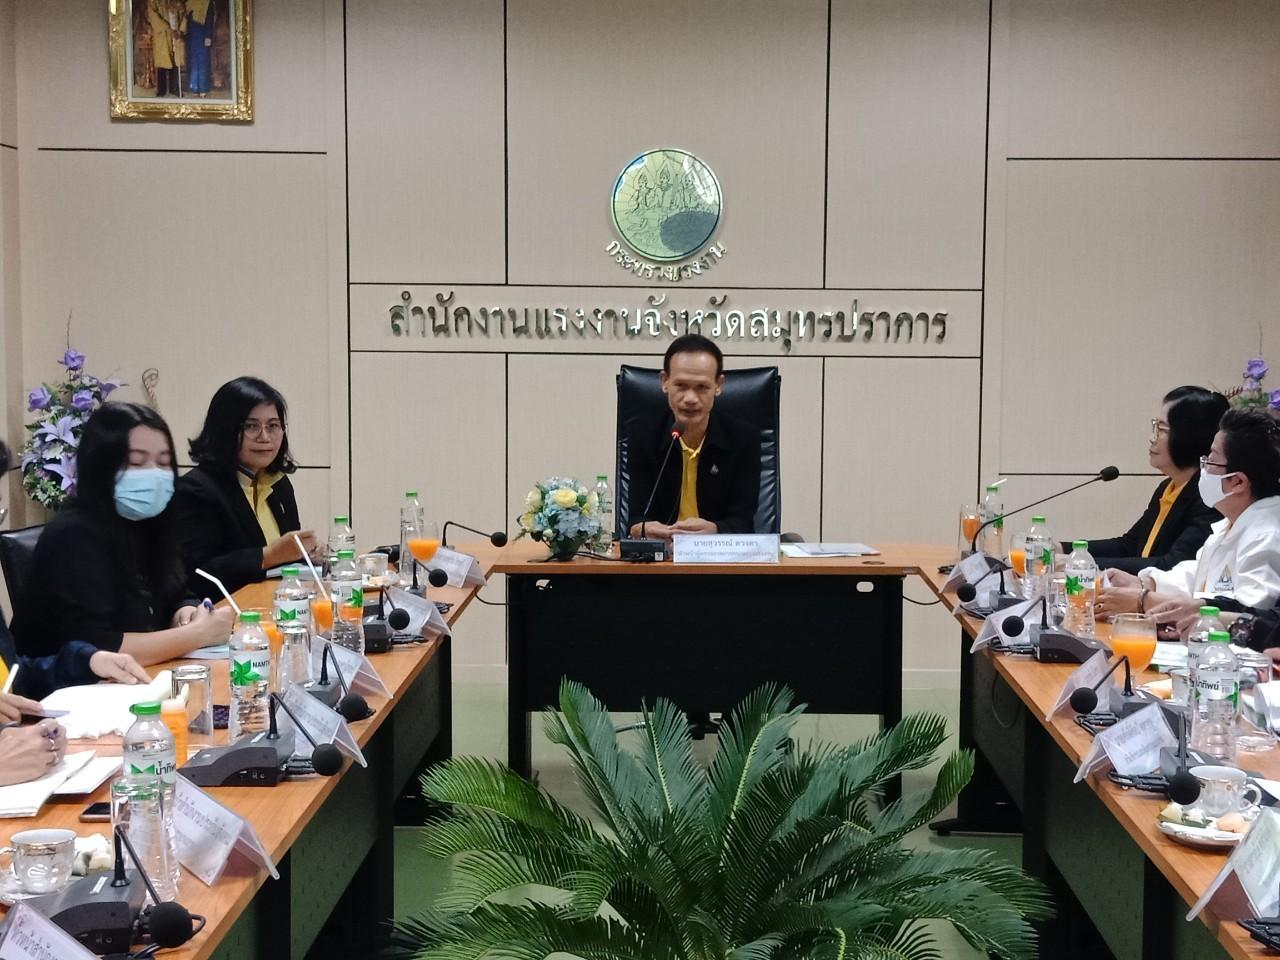 หัวหน้าผู้ตรวจราชการกระทรวงแรงงาน ประชุมติดตามผลการปฏิบัติงาน หน่วยงานในสังกัดกระทรวงแรงงานจังหวัดสมุทรปราการ ครั้งที่ 3/2563